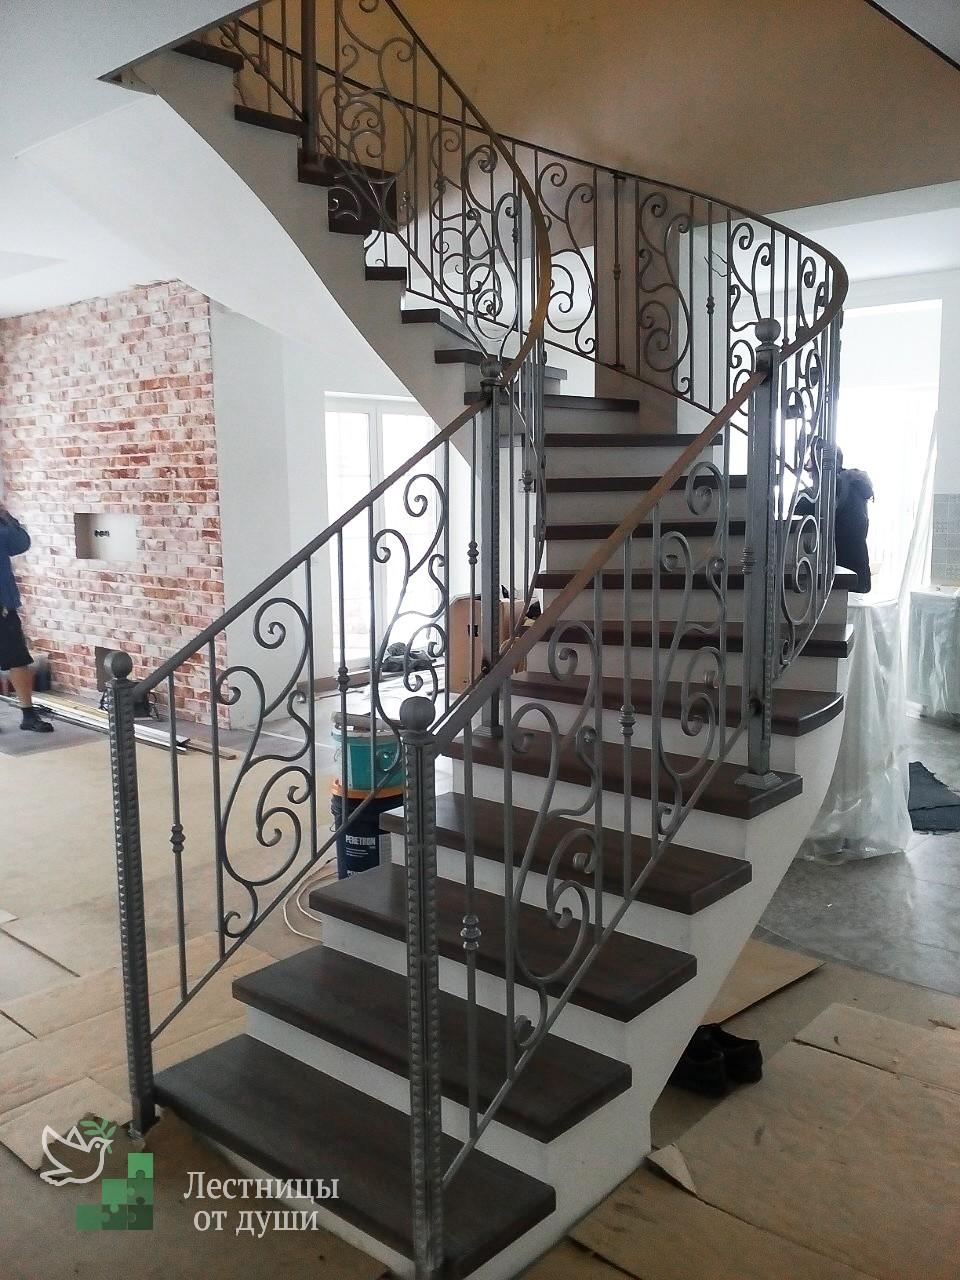 Полувинтовая деревянная лестница из бетона с ковкой цена